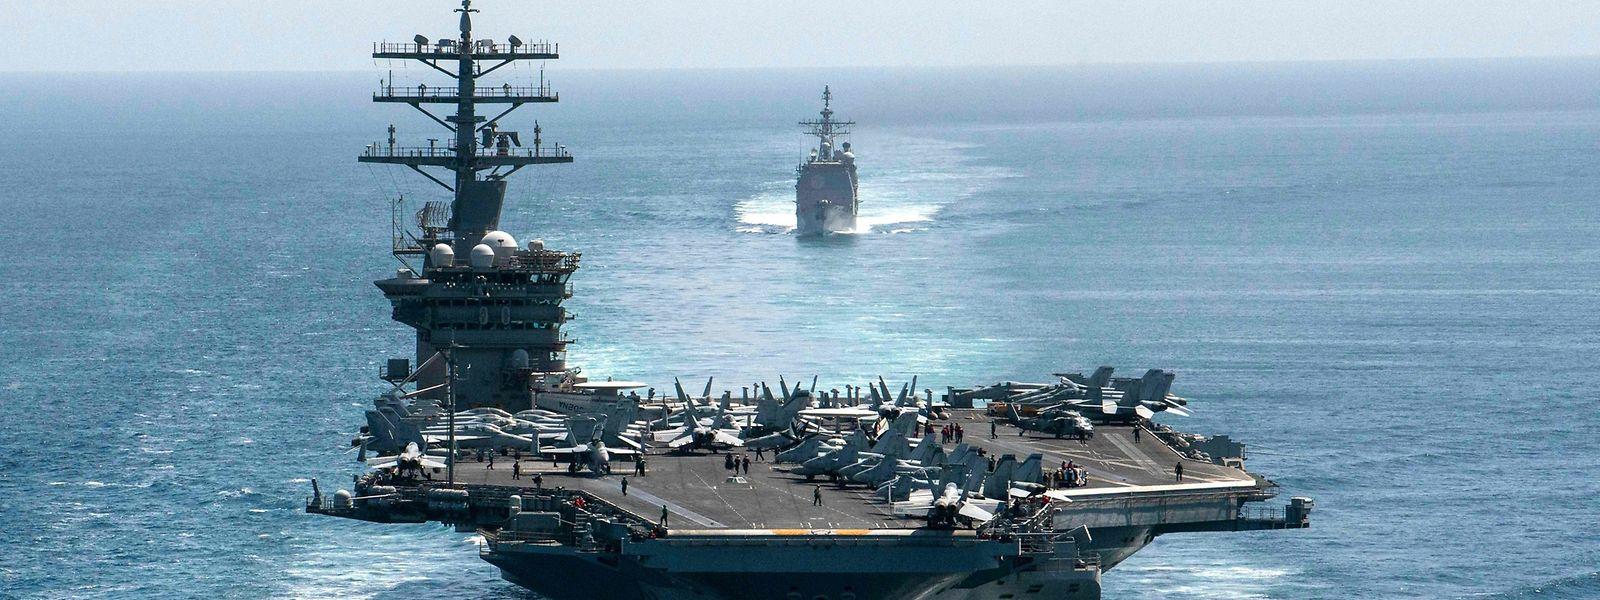 Der Abzug des Flugzeugträgers U.S.S Nimitz aus dem Persischen Golf ist ein Zeichen der Entspannung.